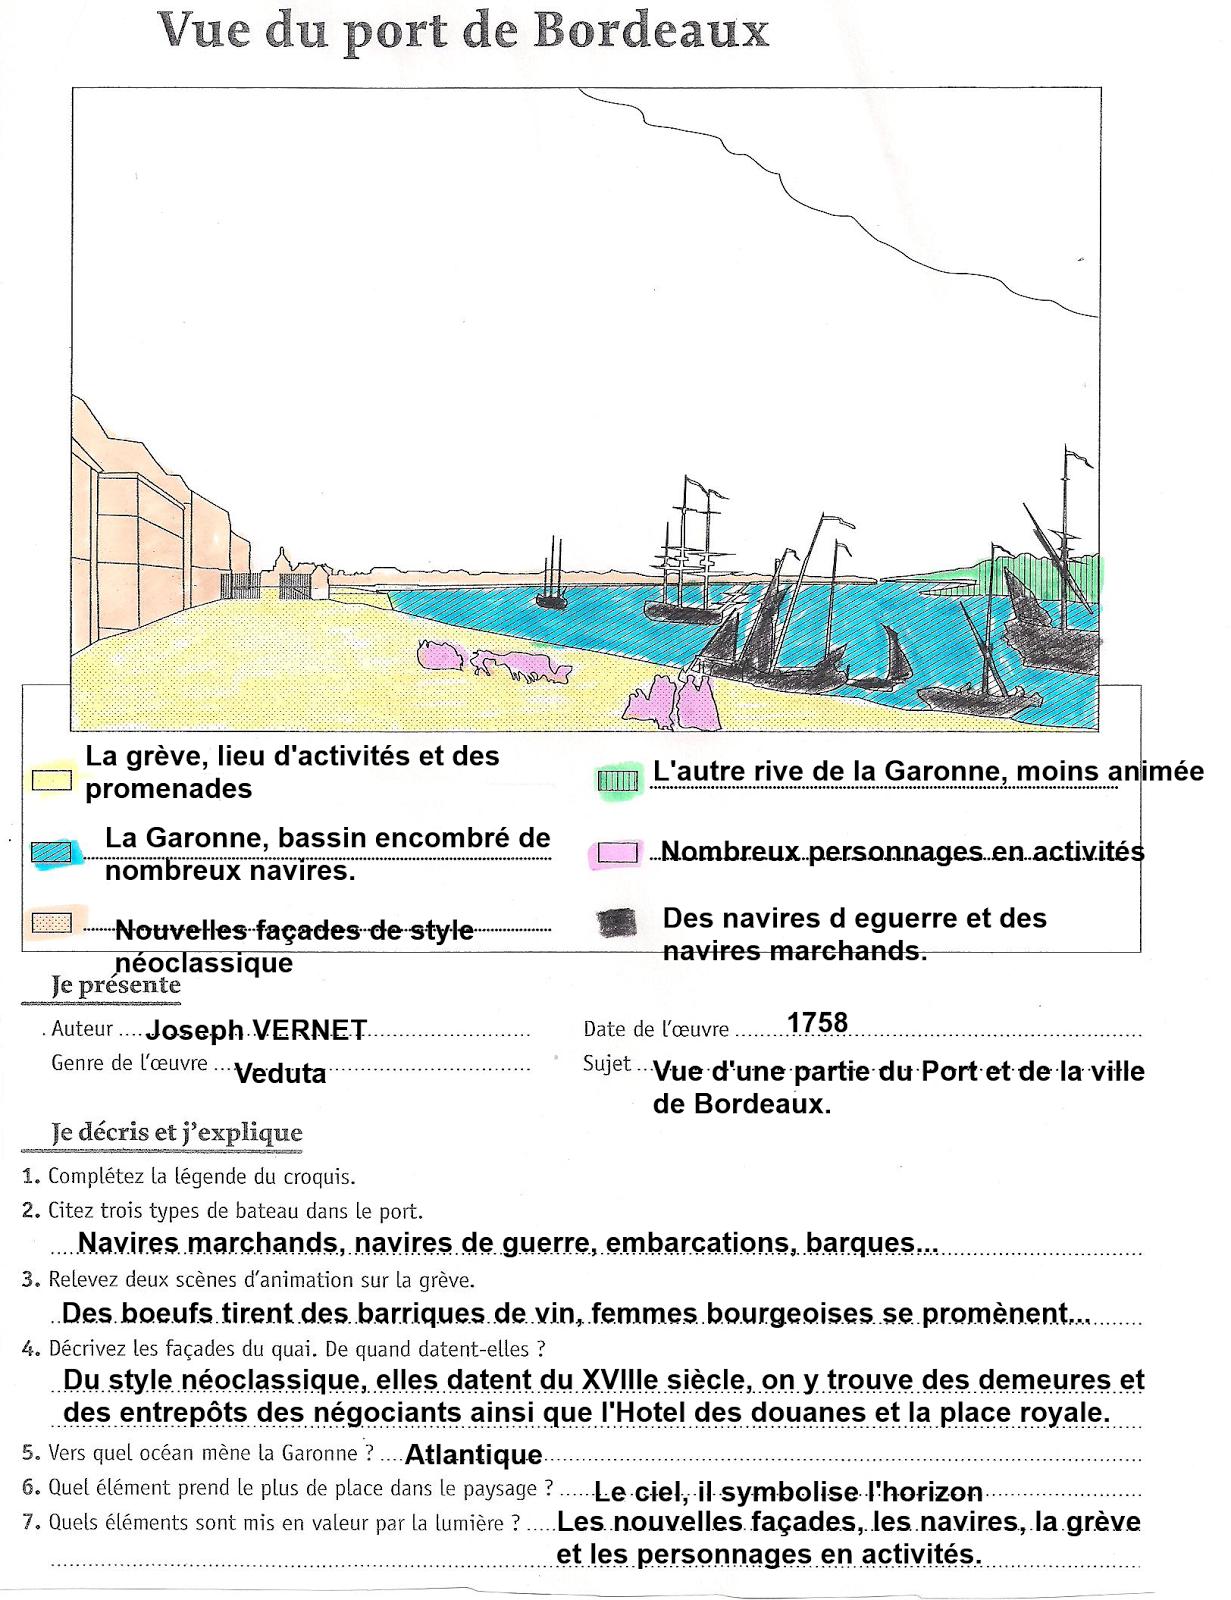 Chapitre 1 l 39 europe dans le monde au d but du xviiie s - Vue du port de bordeaux joseph vernet ...